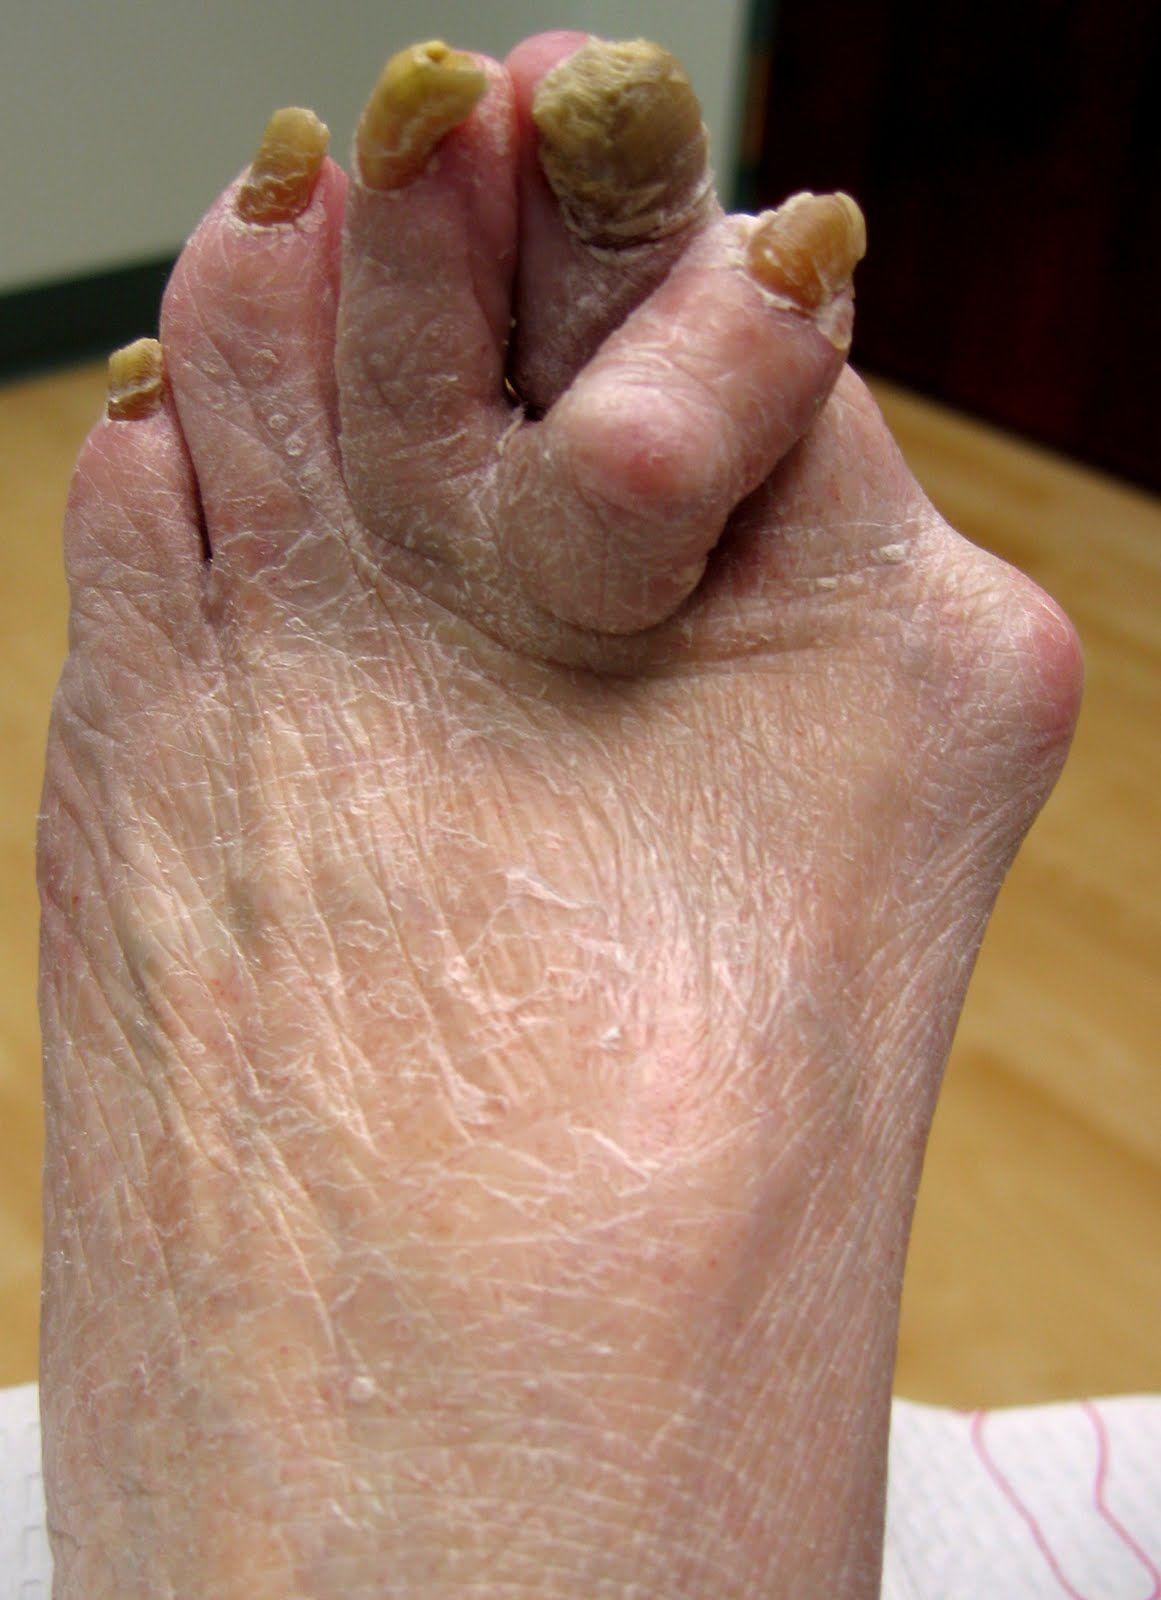 Ugly Toe Pics : Funnies